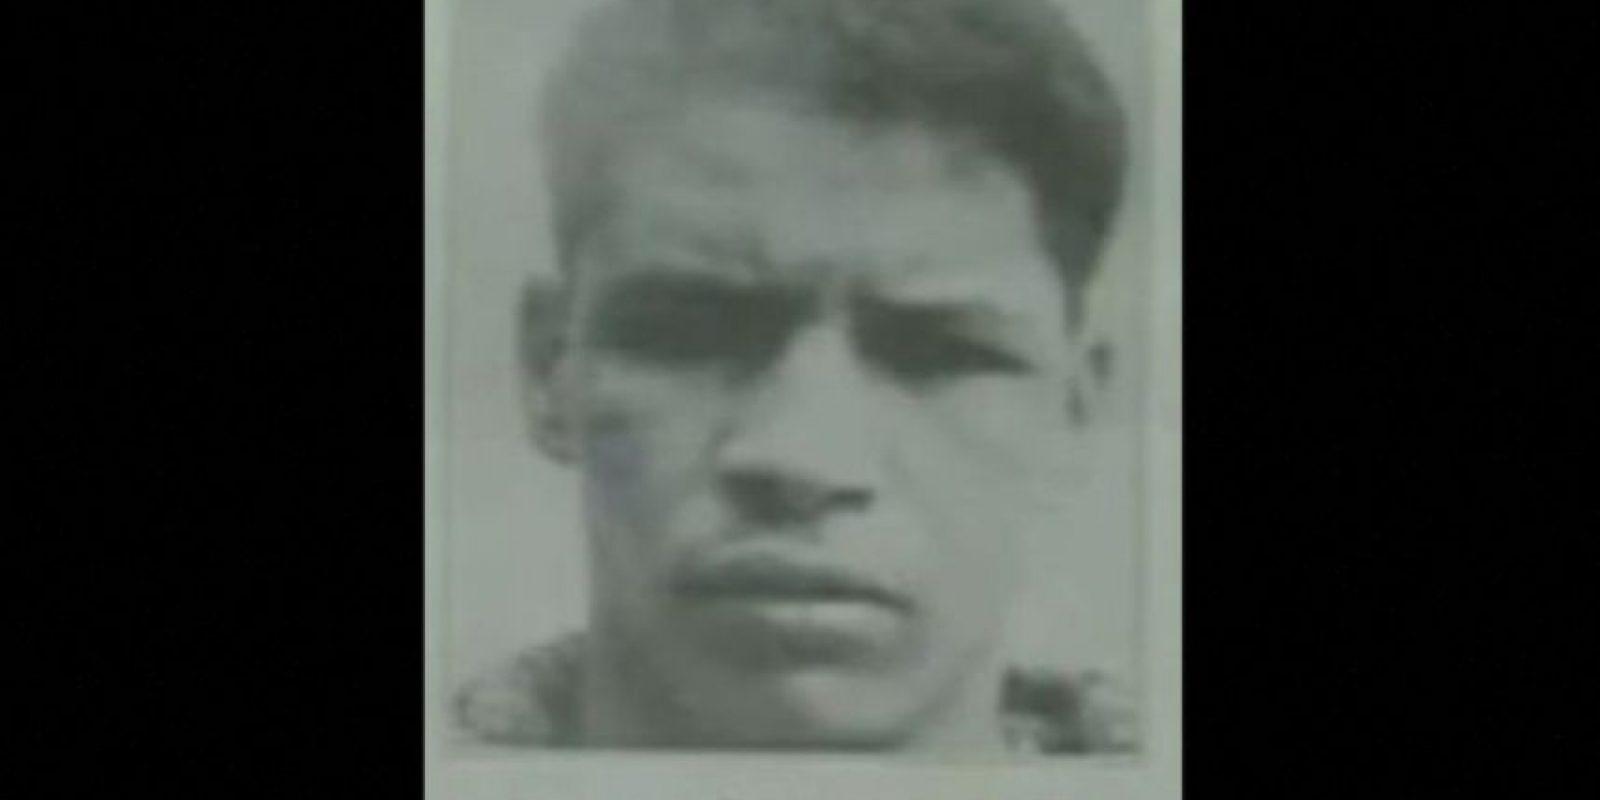 """Dandeny Muñoz Mosquera, alias """"La Quica"""", es el otro sicario que queda vivo del Cartel de Medellín aparte de """"Popeye"""". Fue el que prácticamente ejecutó el atentado del avión de Avianca al subir un maletín que hizo explotar al avión en el aire. Lo detuvieron en 1991, porque planeaba hacer otros atentados en Estados Unidos. Foto:Vía Wikipedia"""